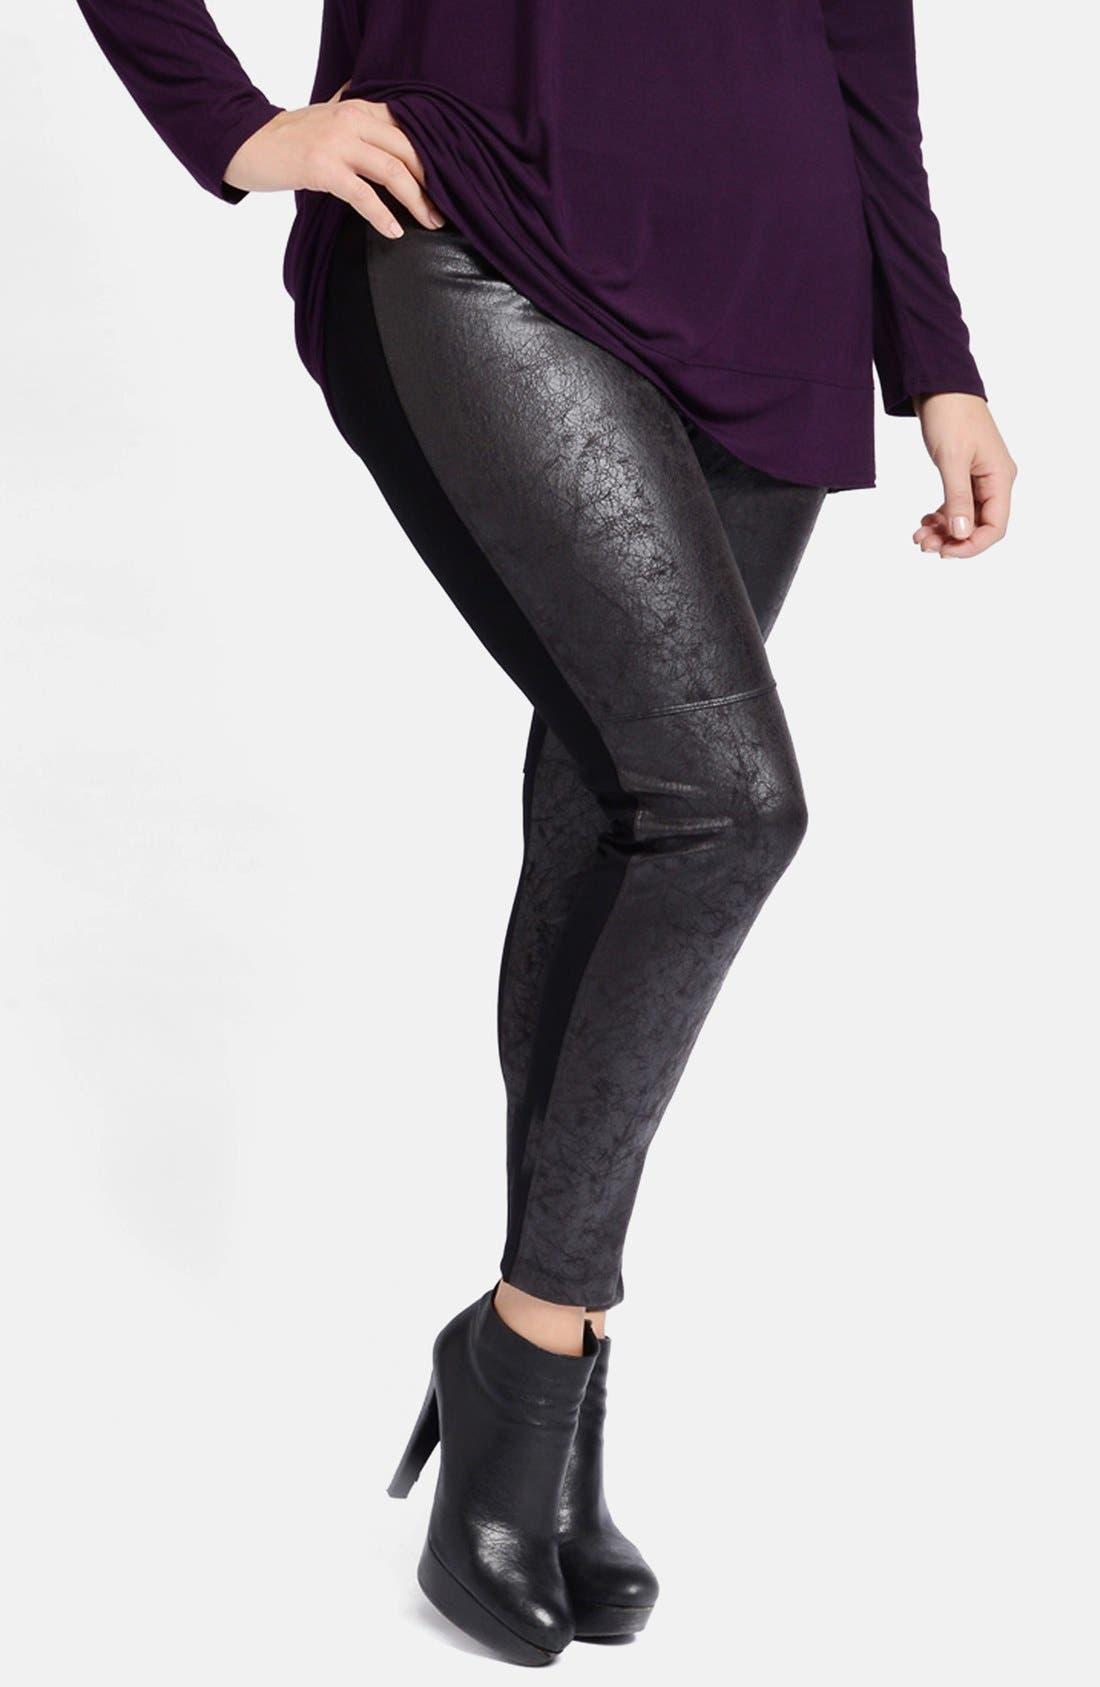 LYSSÉ, Distressed Faux Leather & Ponte Knit Leggings, Alternate thumbnail 4, color, 001